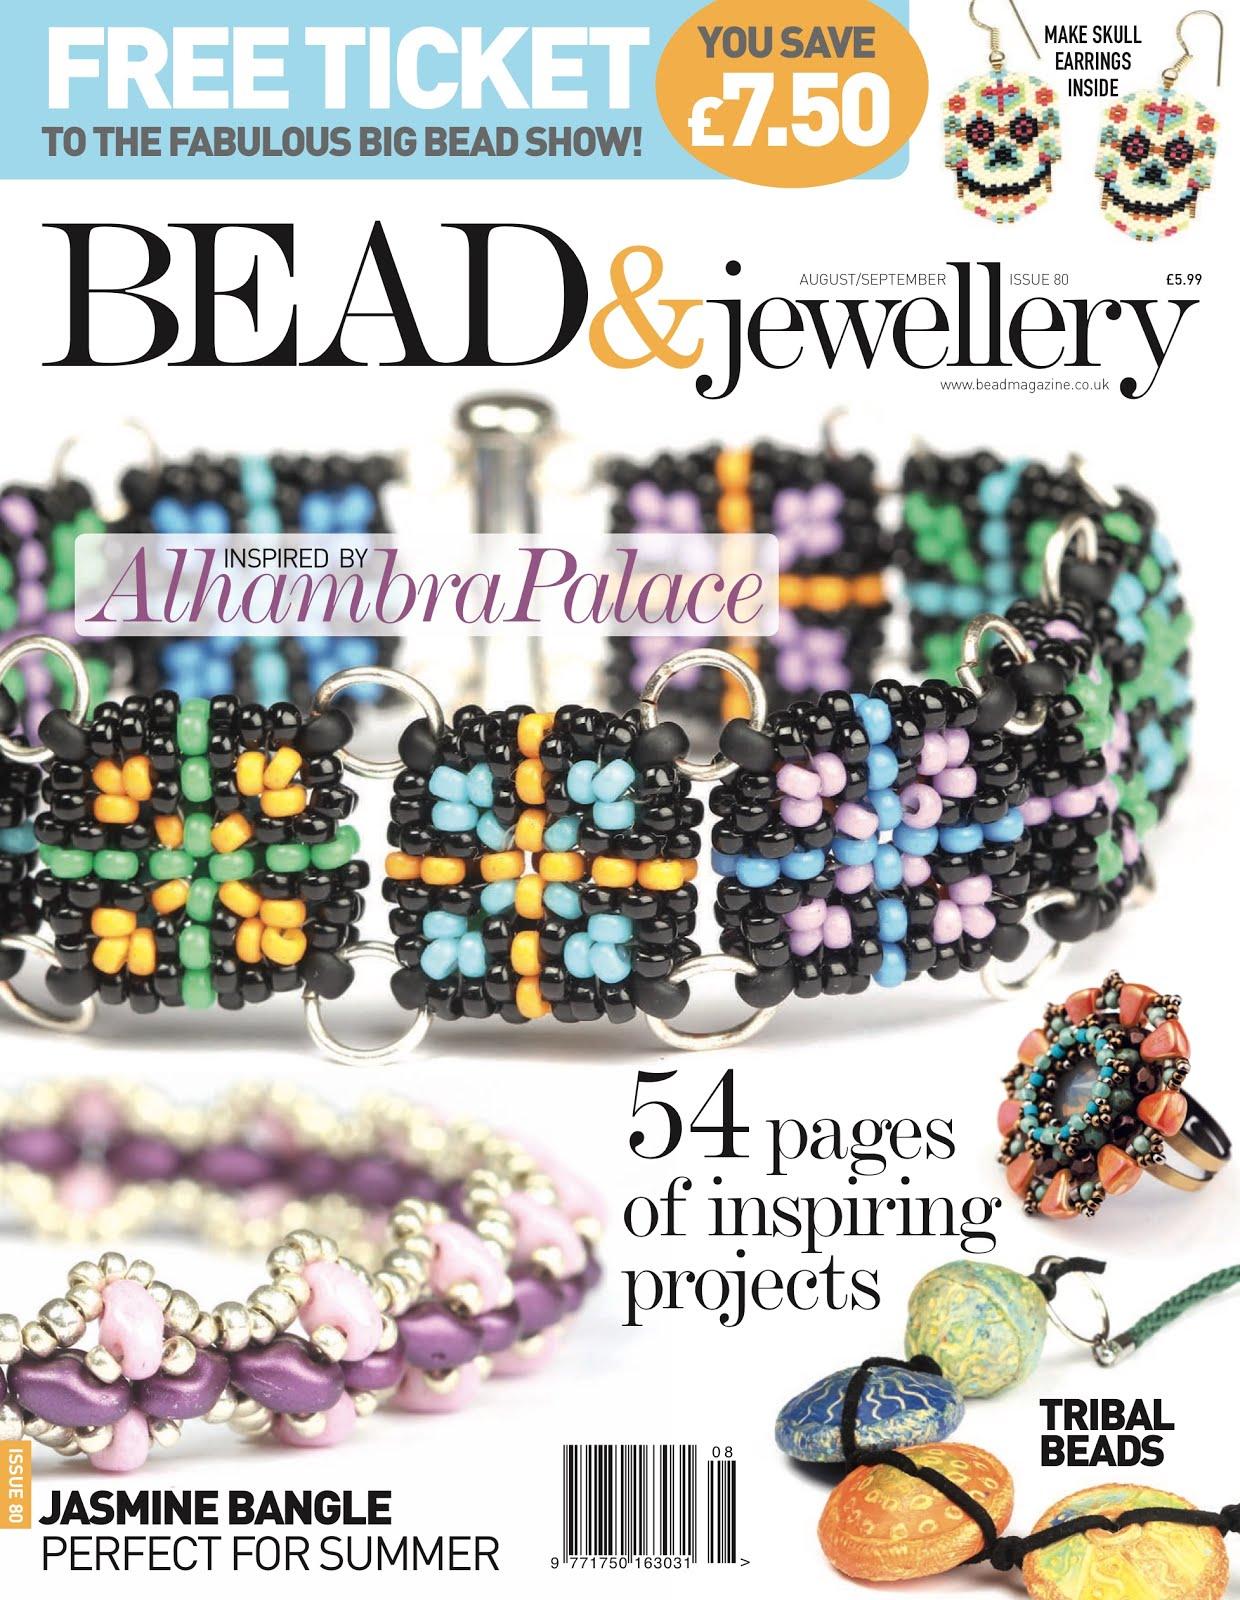 Bead & Jewellery # 80